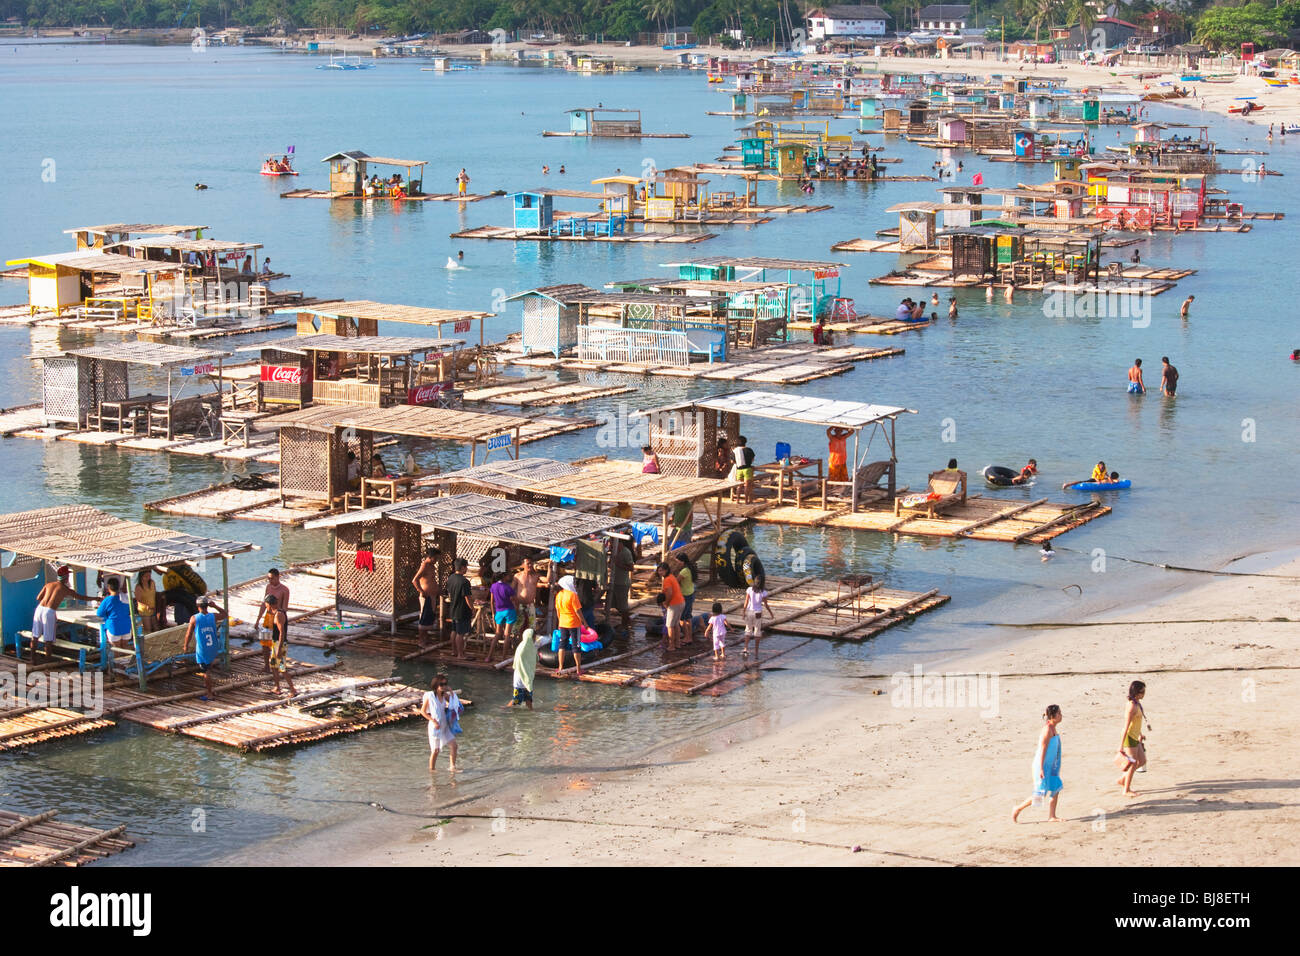 Bamboo Beach Resort Batangas